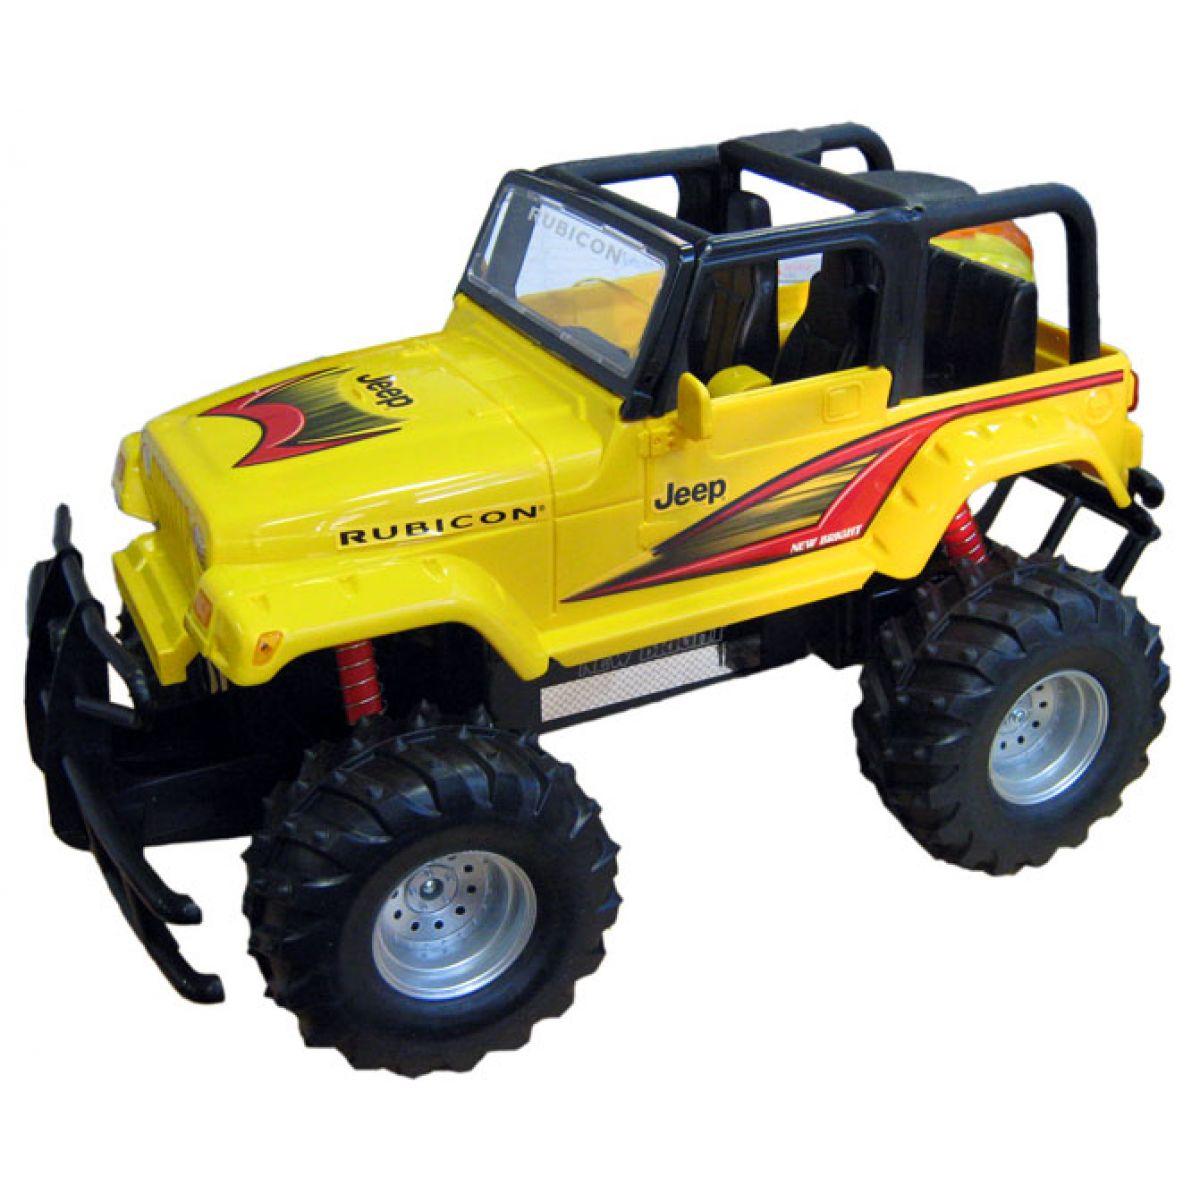 New Bright Jeep Wrangler - žlutý 1:10